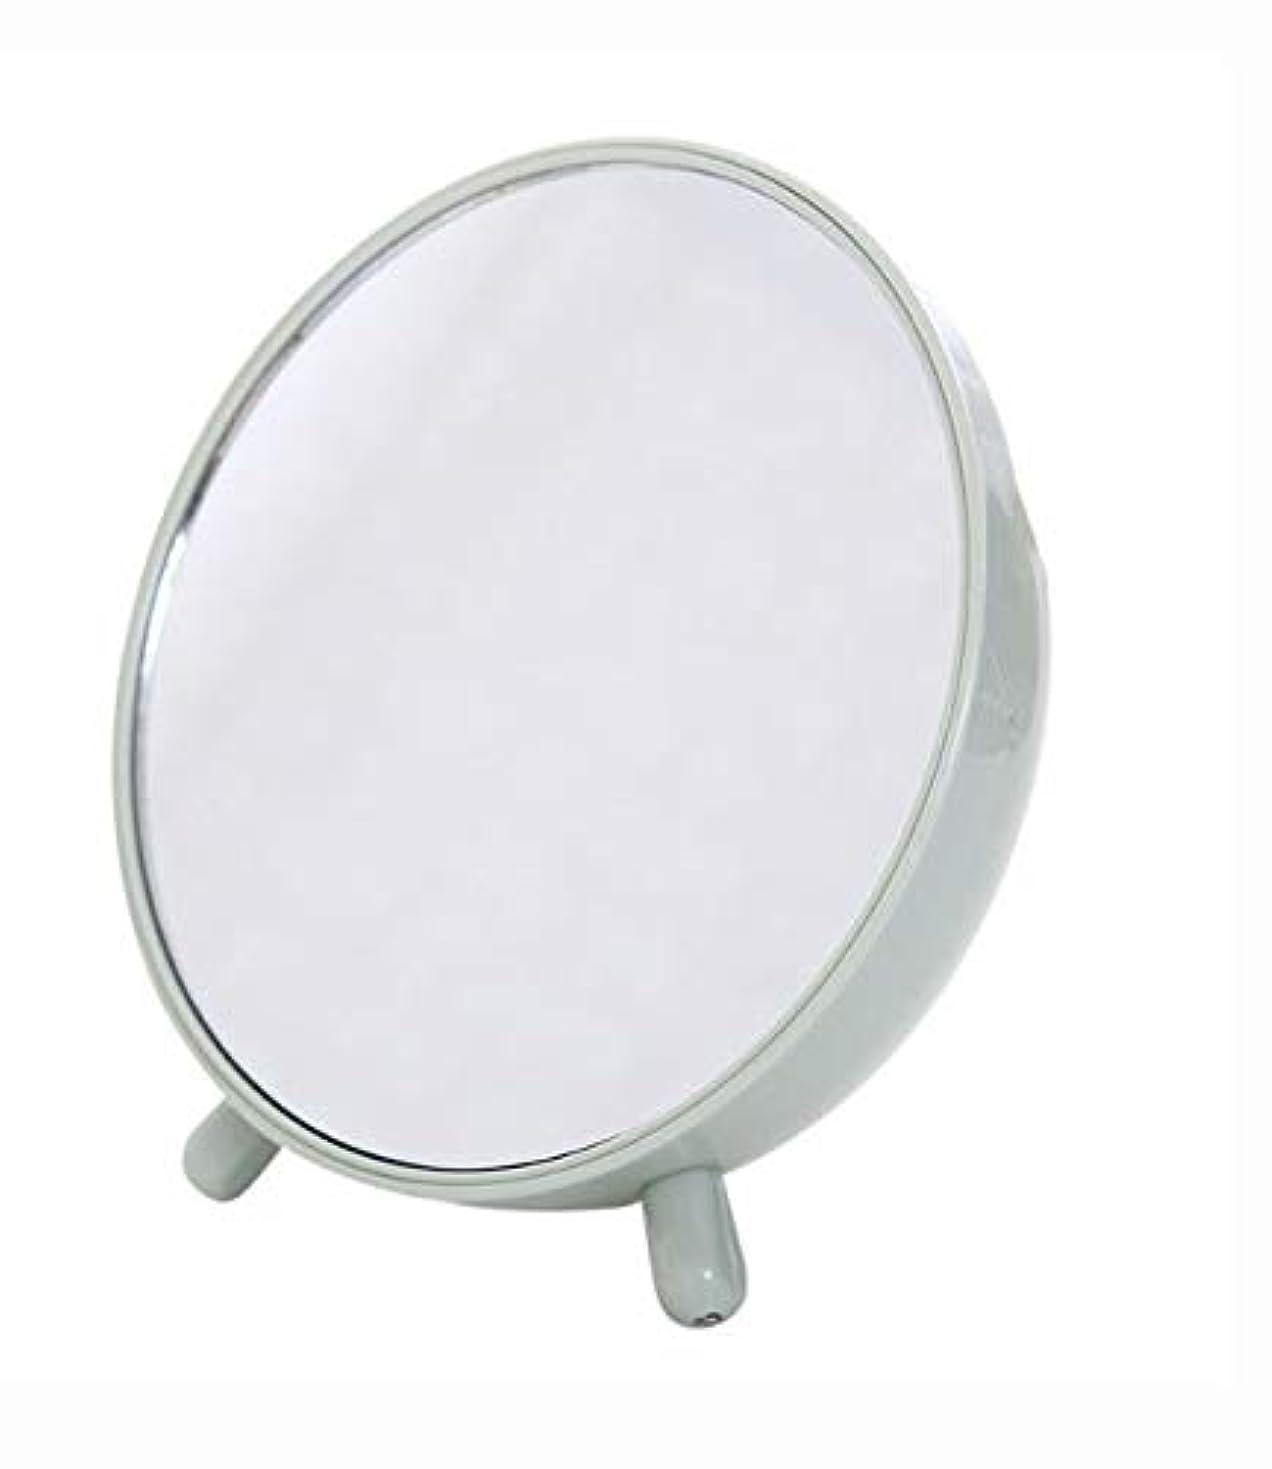 塩災害枝化粧鏡、収納箱の化粧品のギフトが付いている緑の簡単な円形のテーブルの化粧鏡